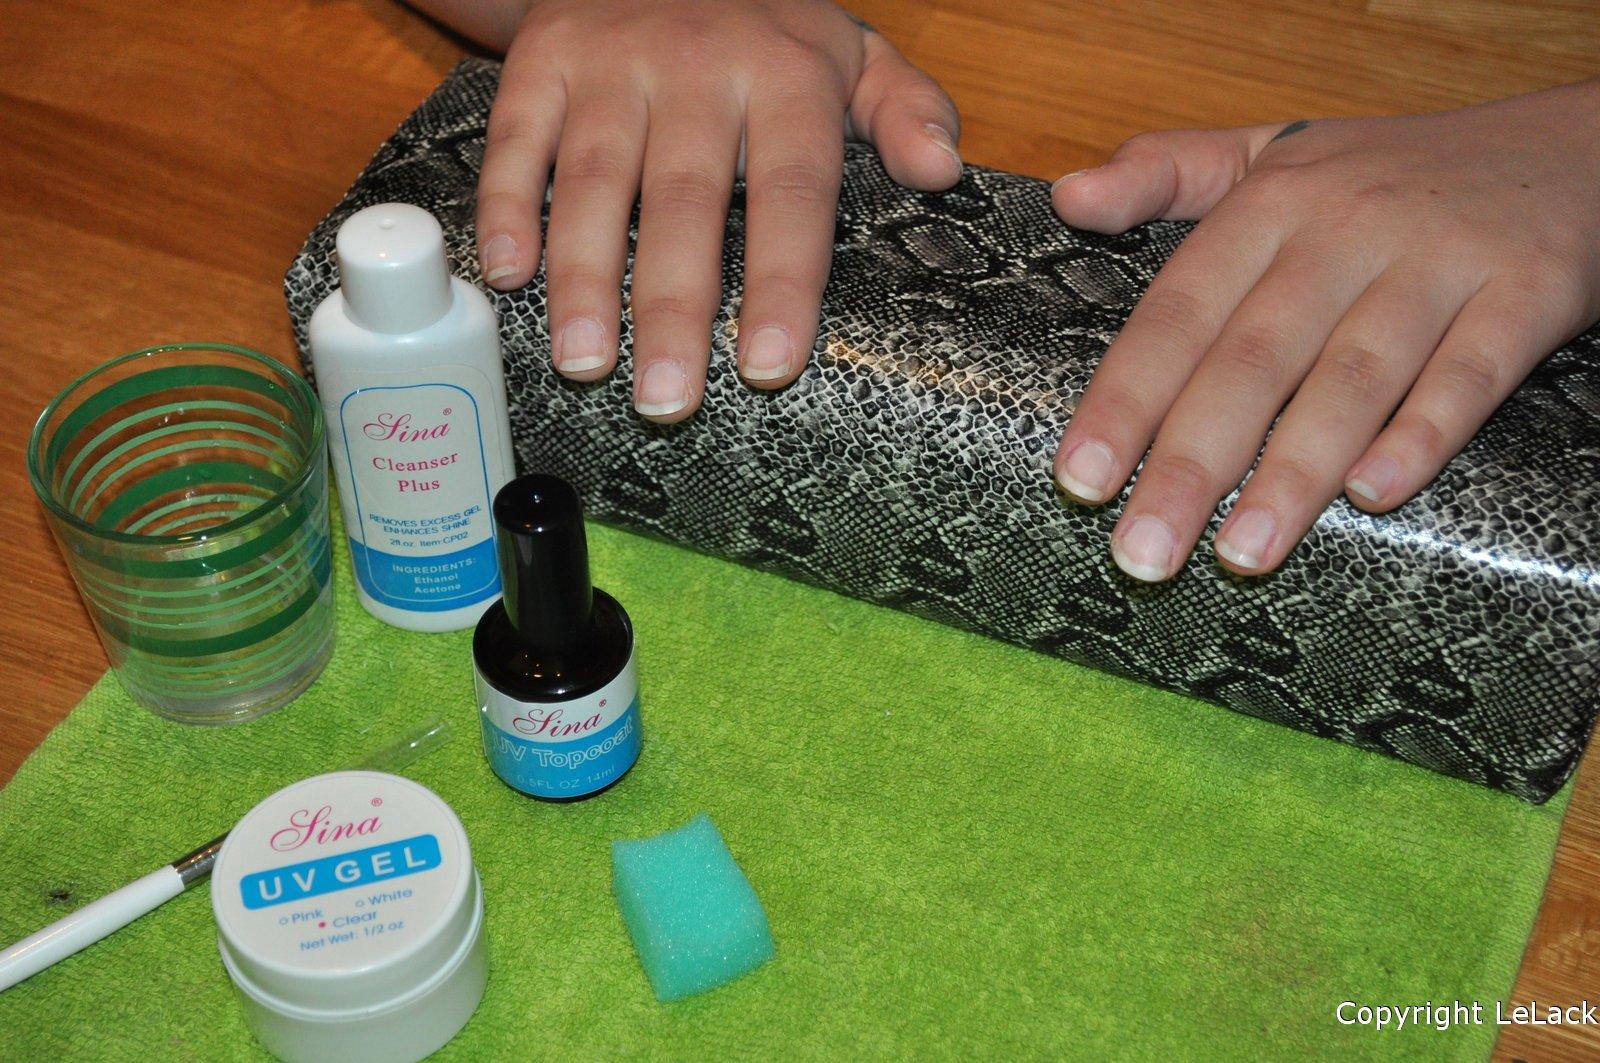 hur kan man få långa naglar snabbt